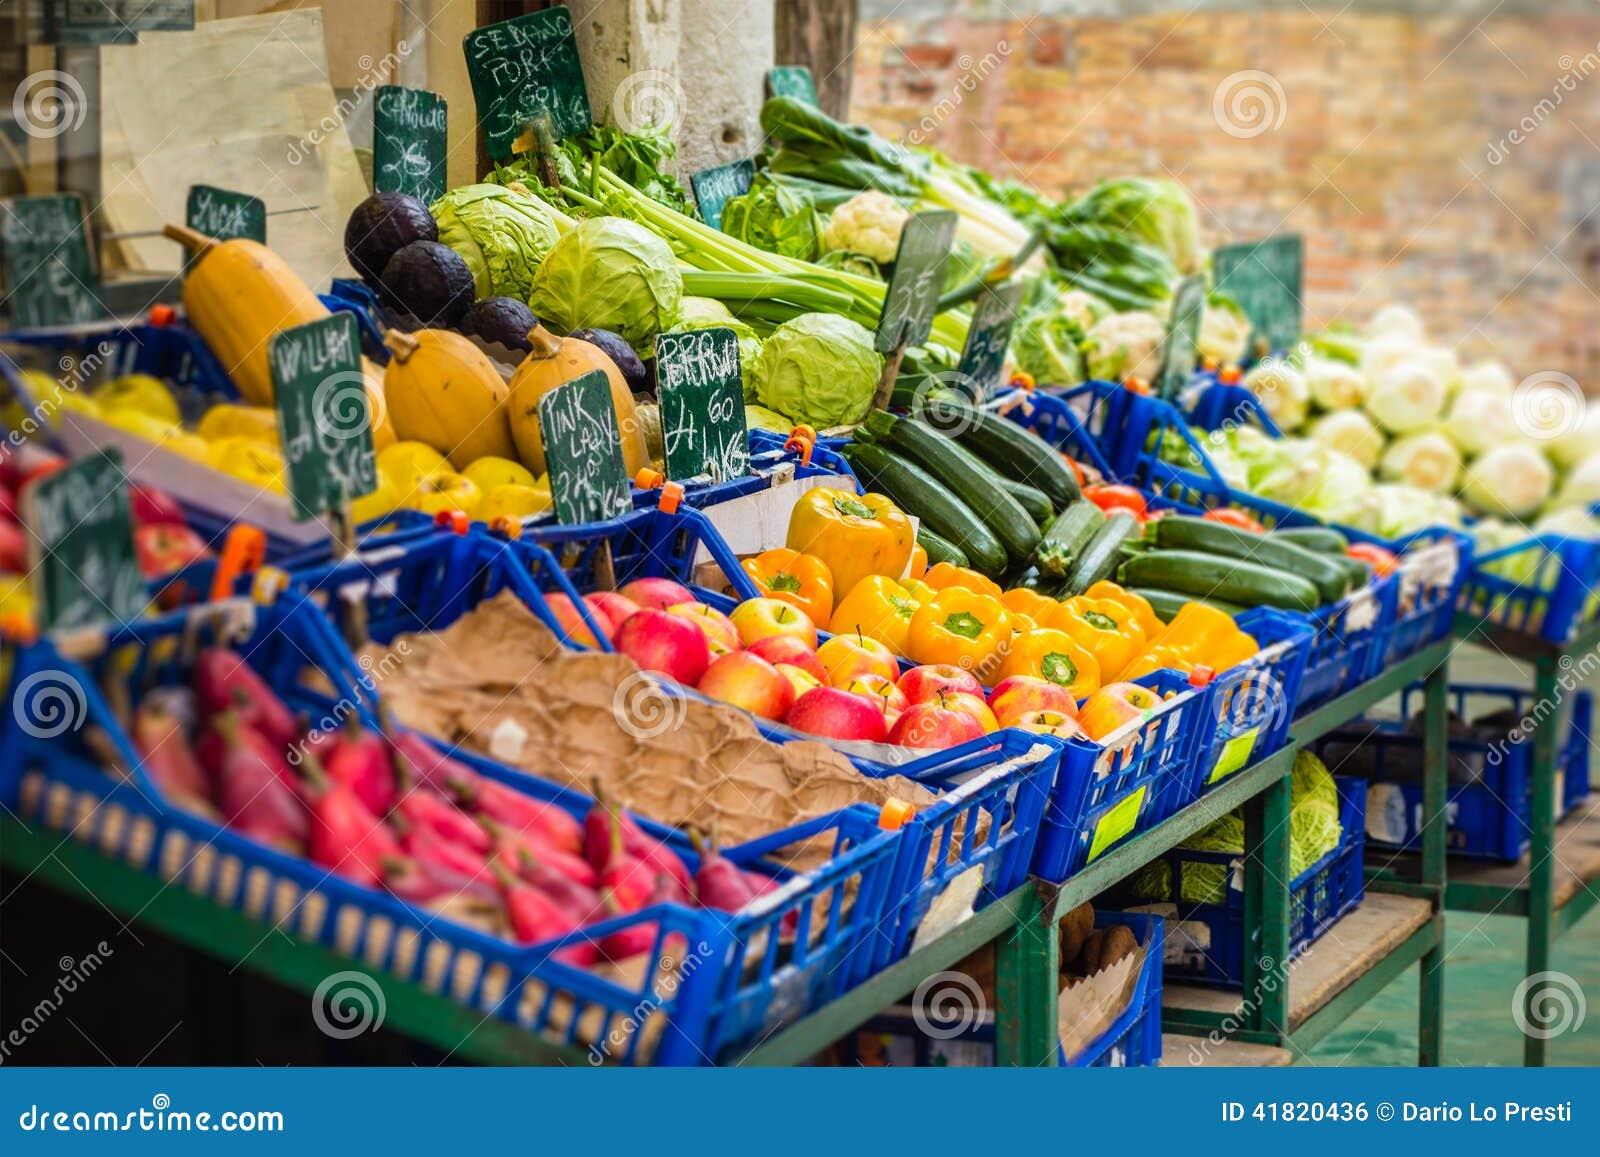 Groentehandelaar